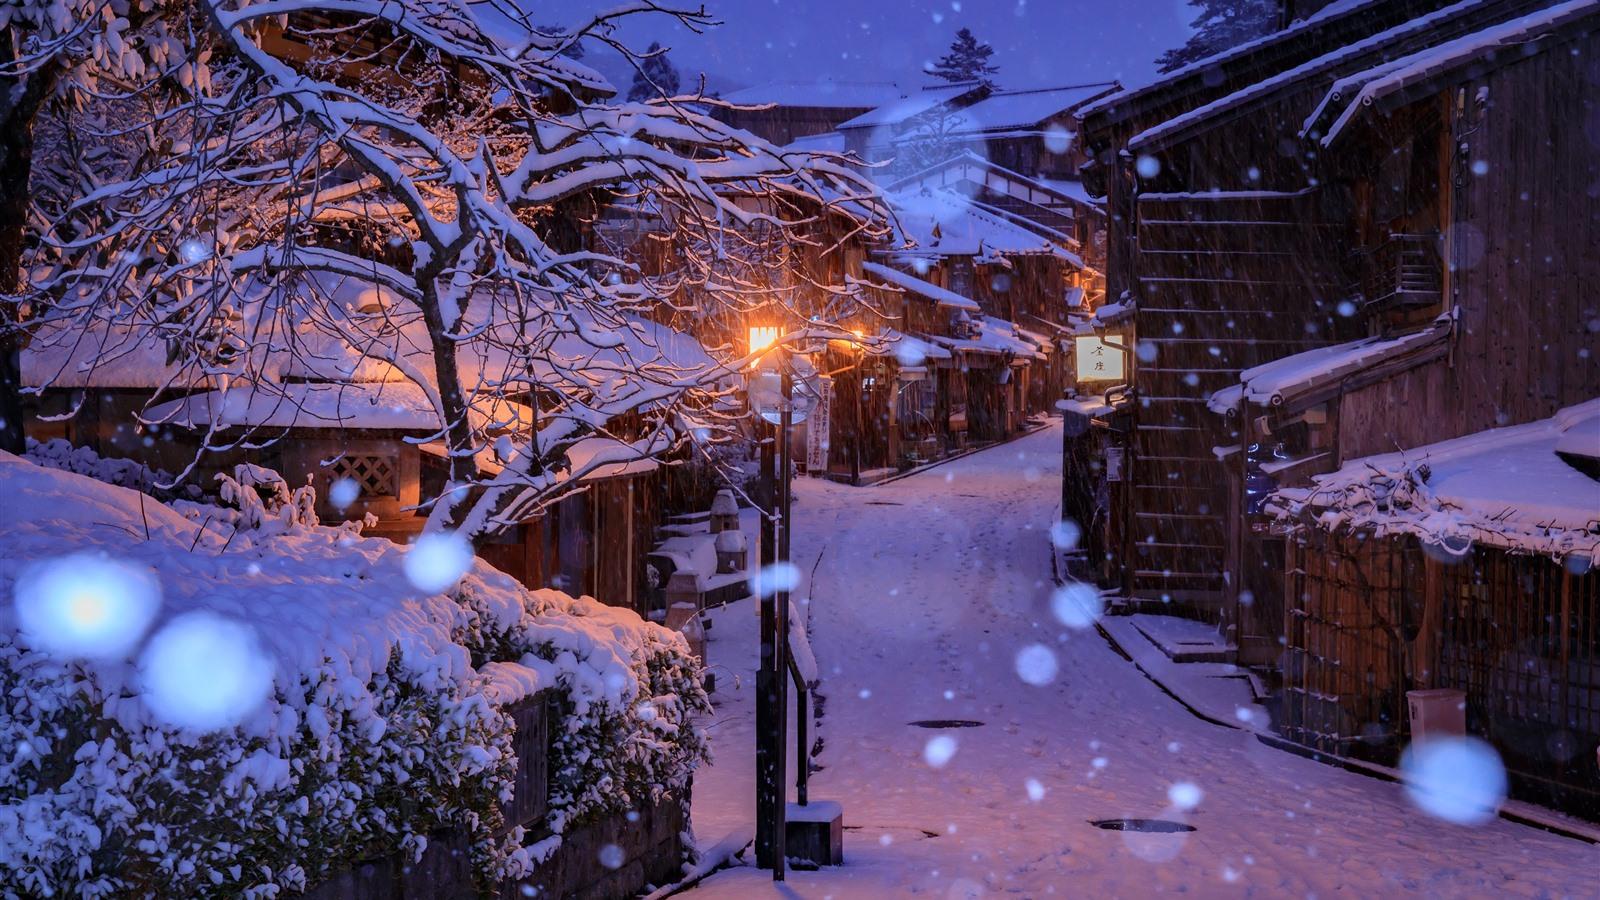 Ảnh buổi tối mùa đông anime